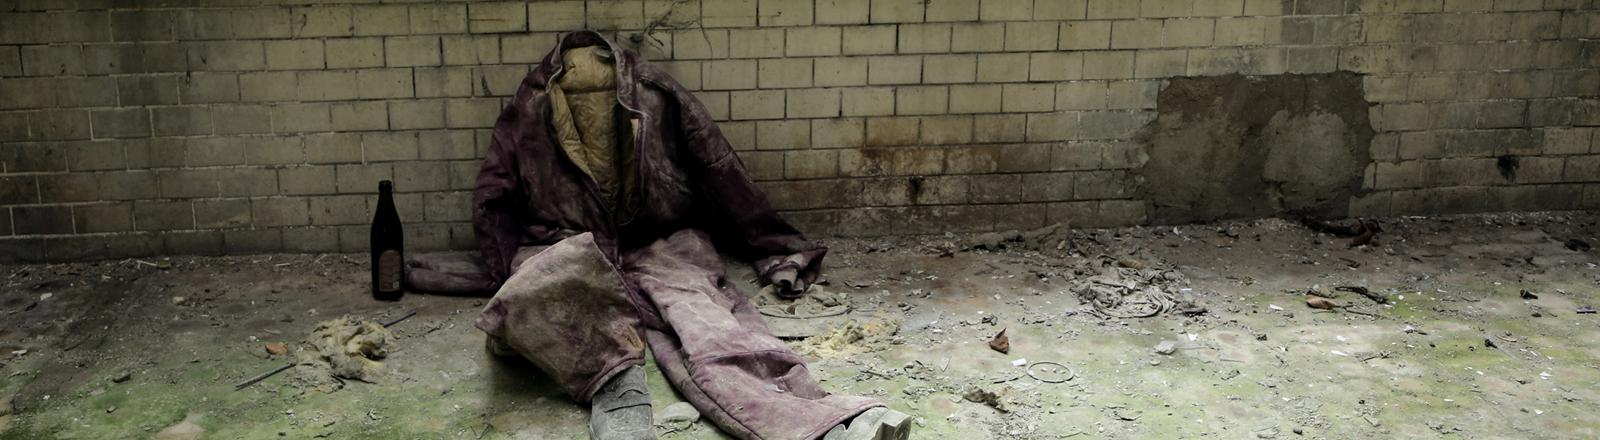 Ein leerer Anzug in einem verfallenen Haus